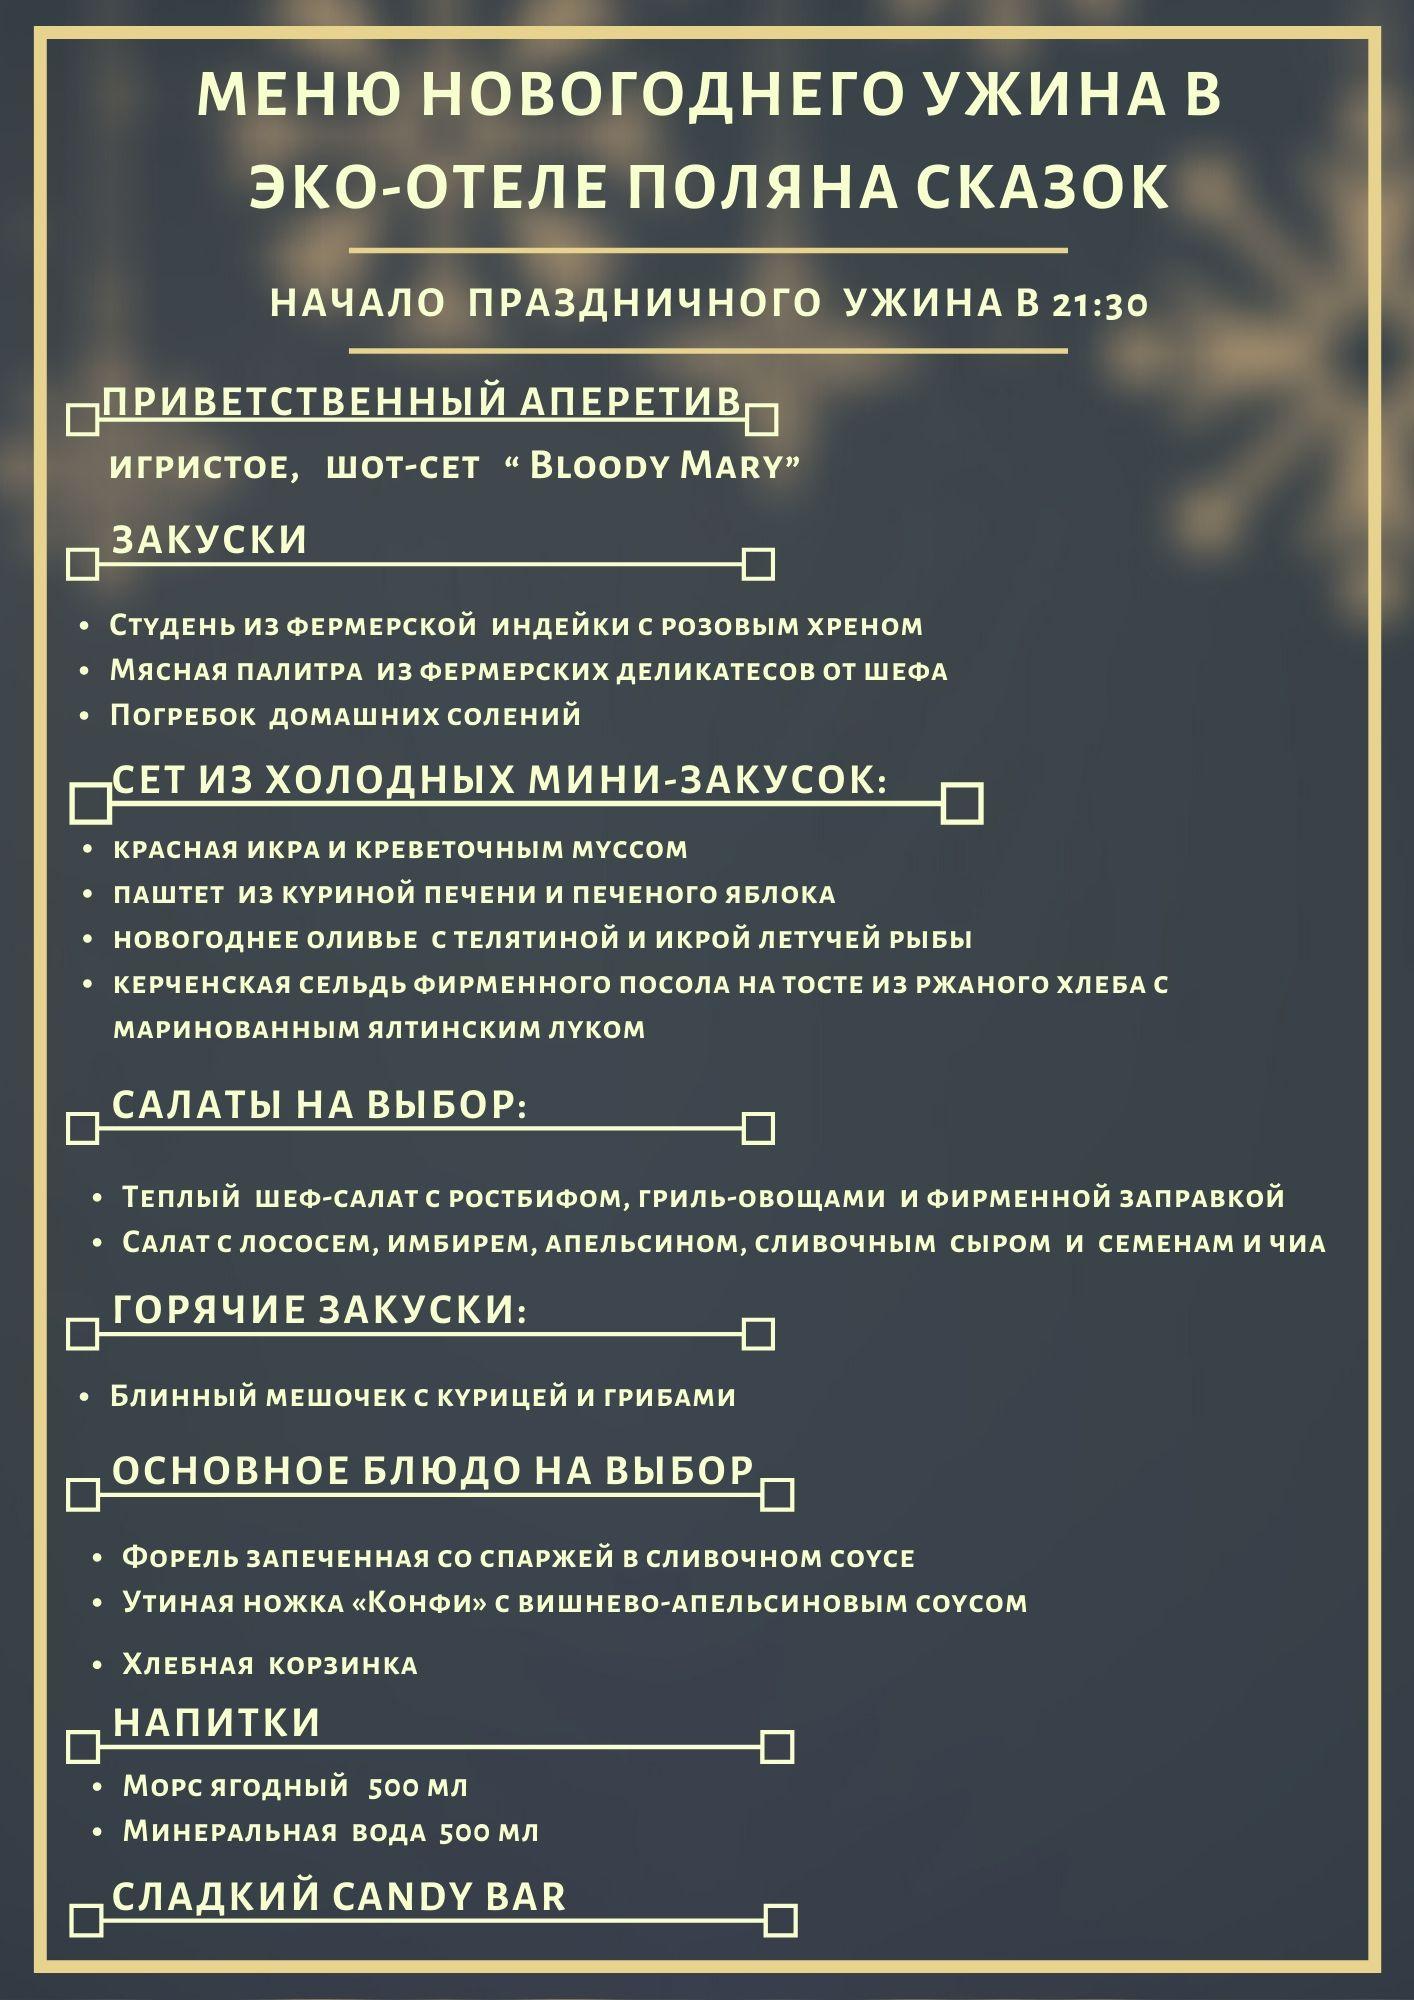 новогоднее меню в отеле Polyana Skazok, Ялта